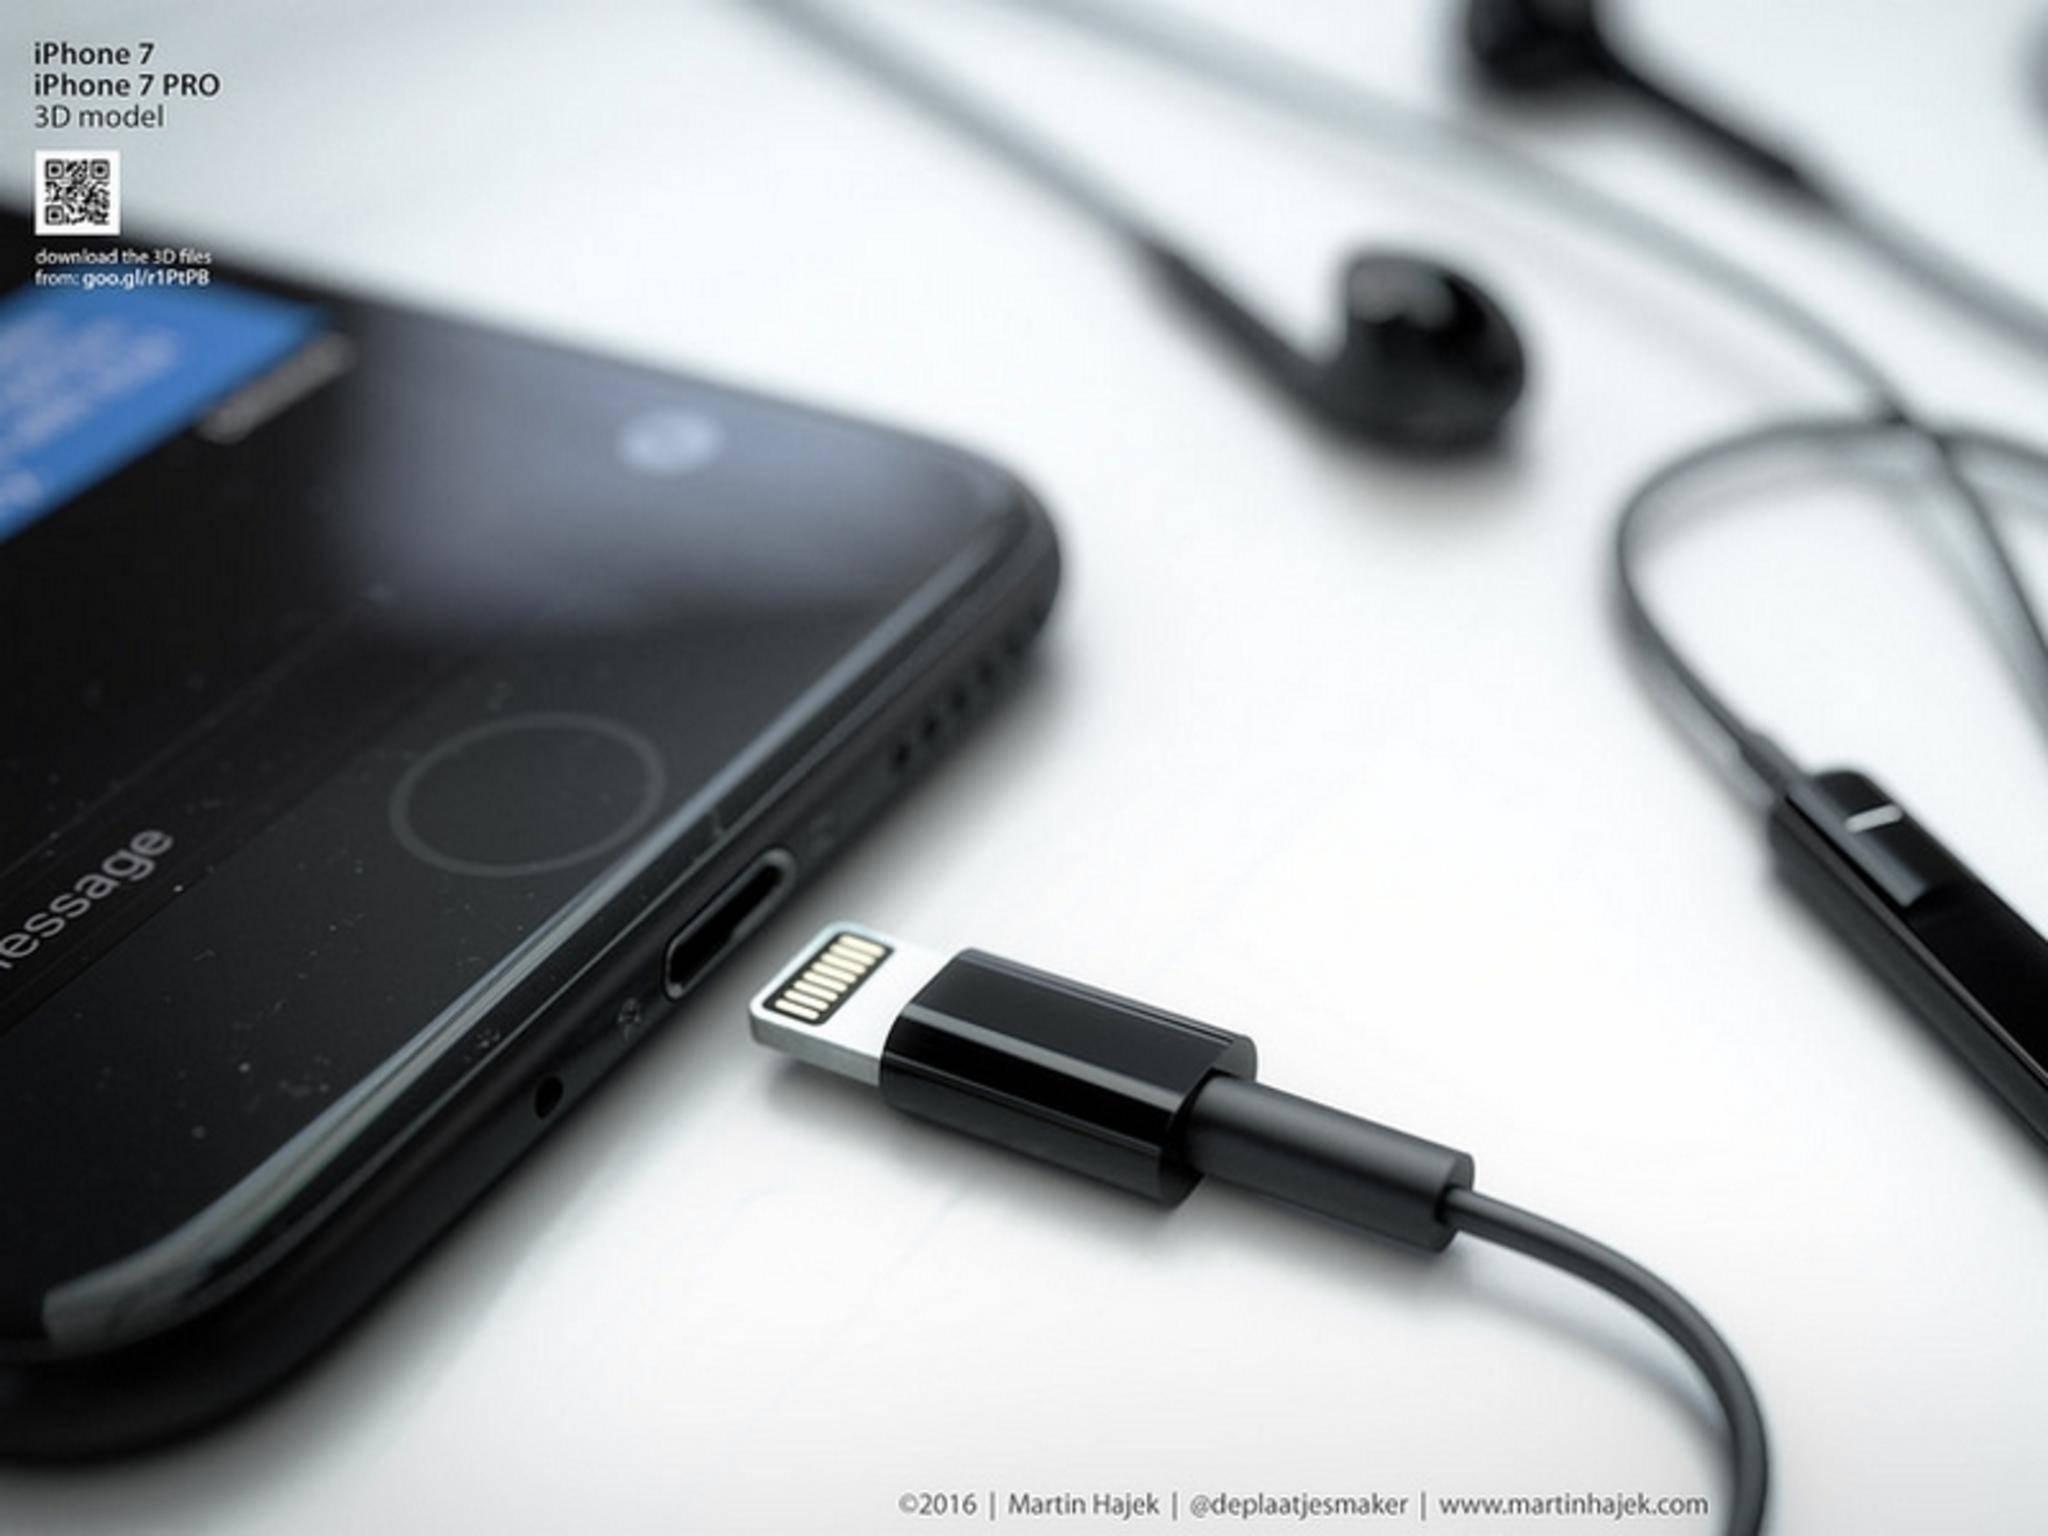 Angeblich soll es nur einen Adapter, aber keine Lightning-Kopfhörer für das iPhone 7 geben.